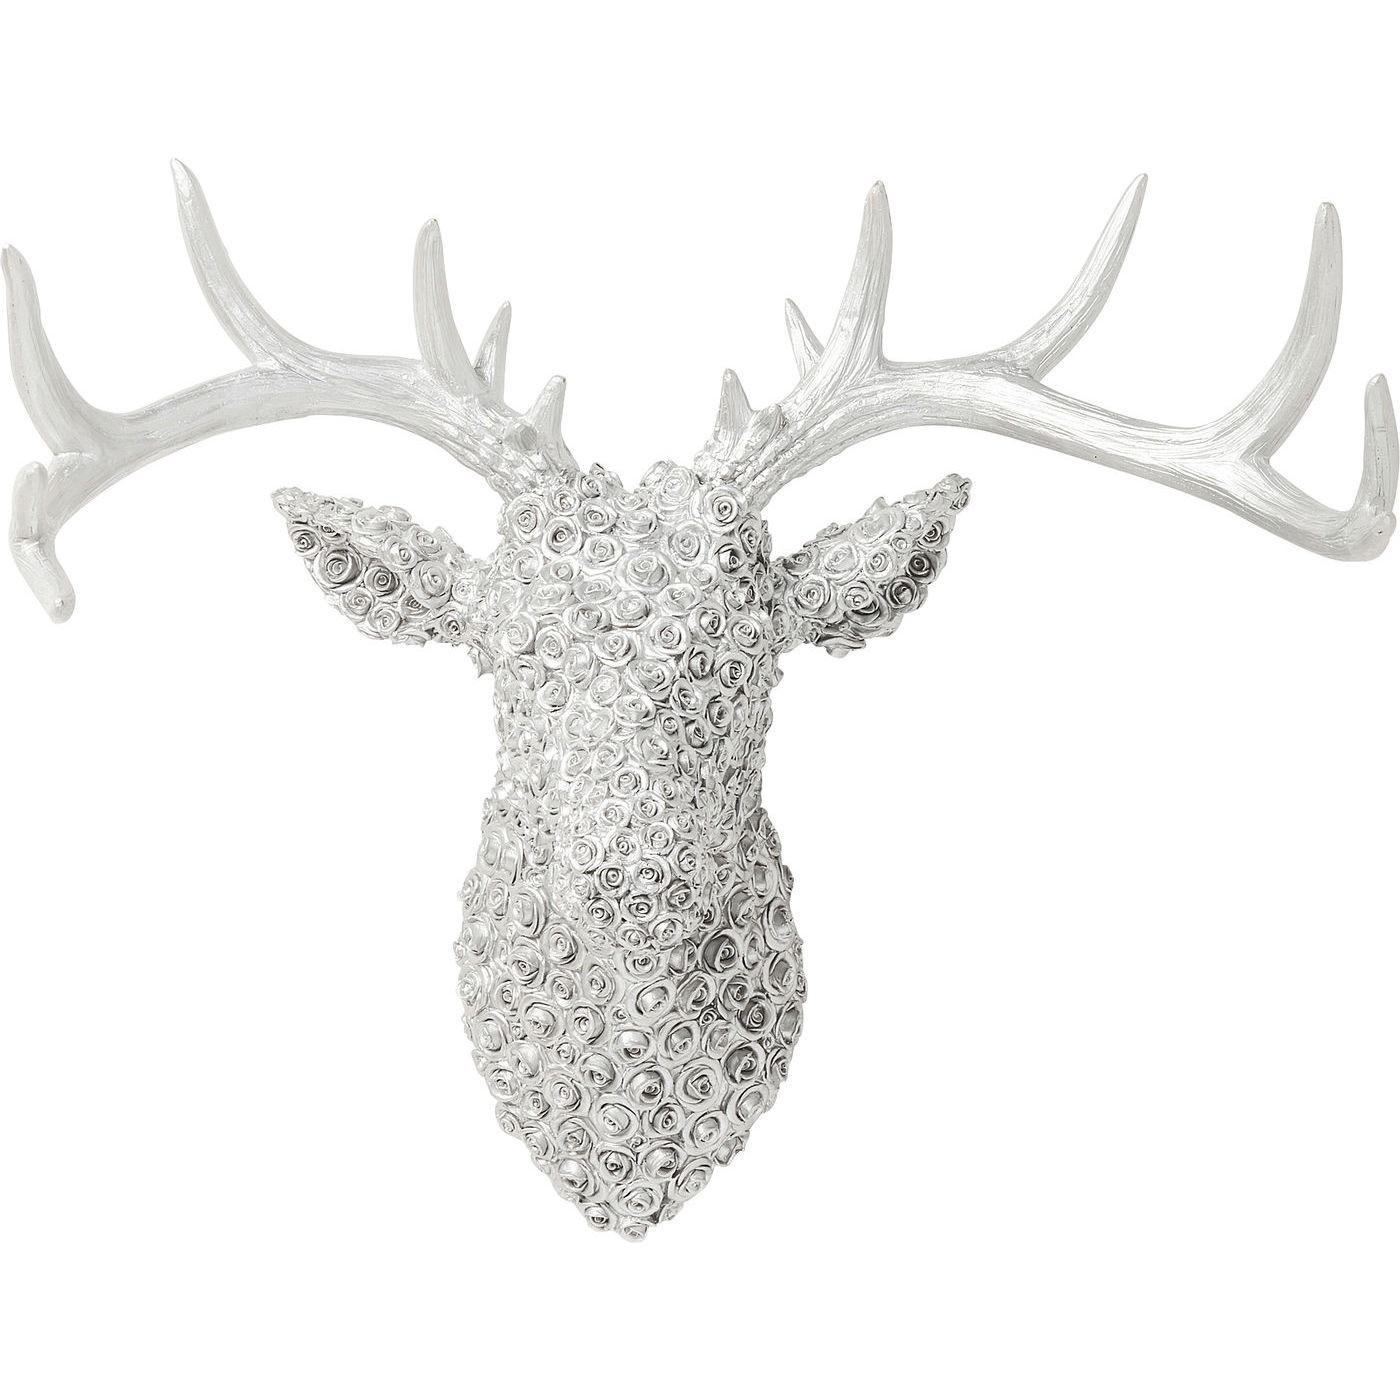 Billede af Vægdekoration Antler Deer Roses Krom